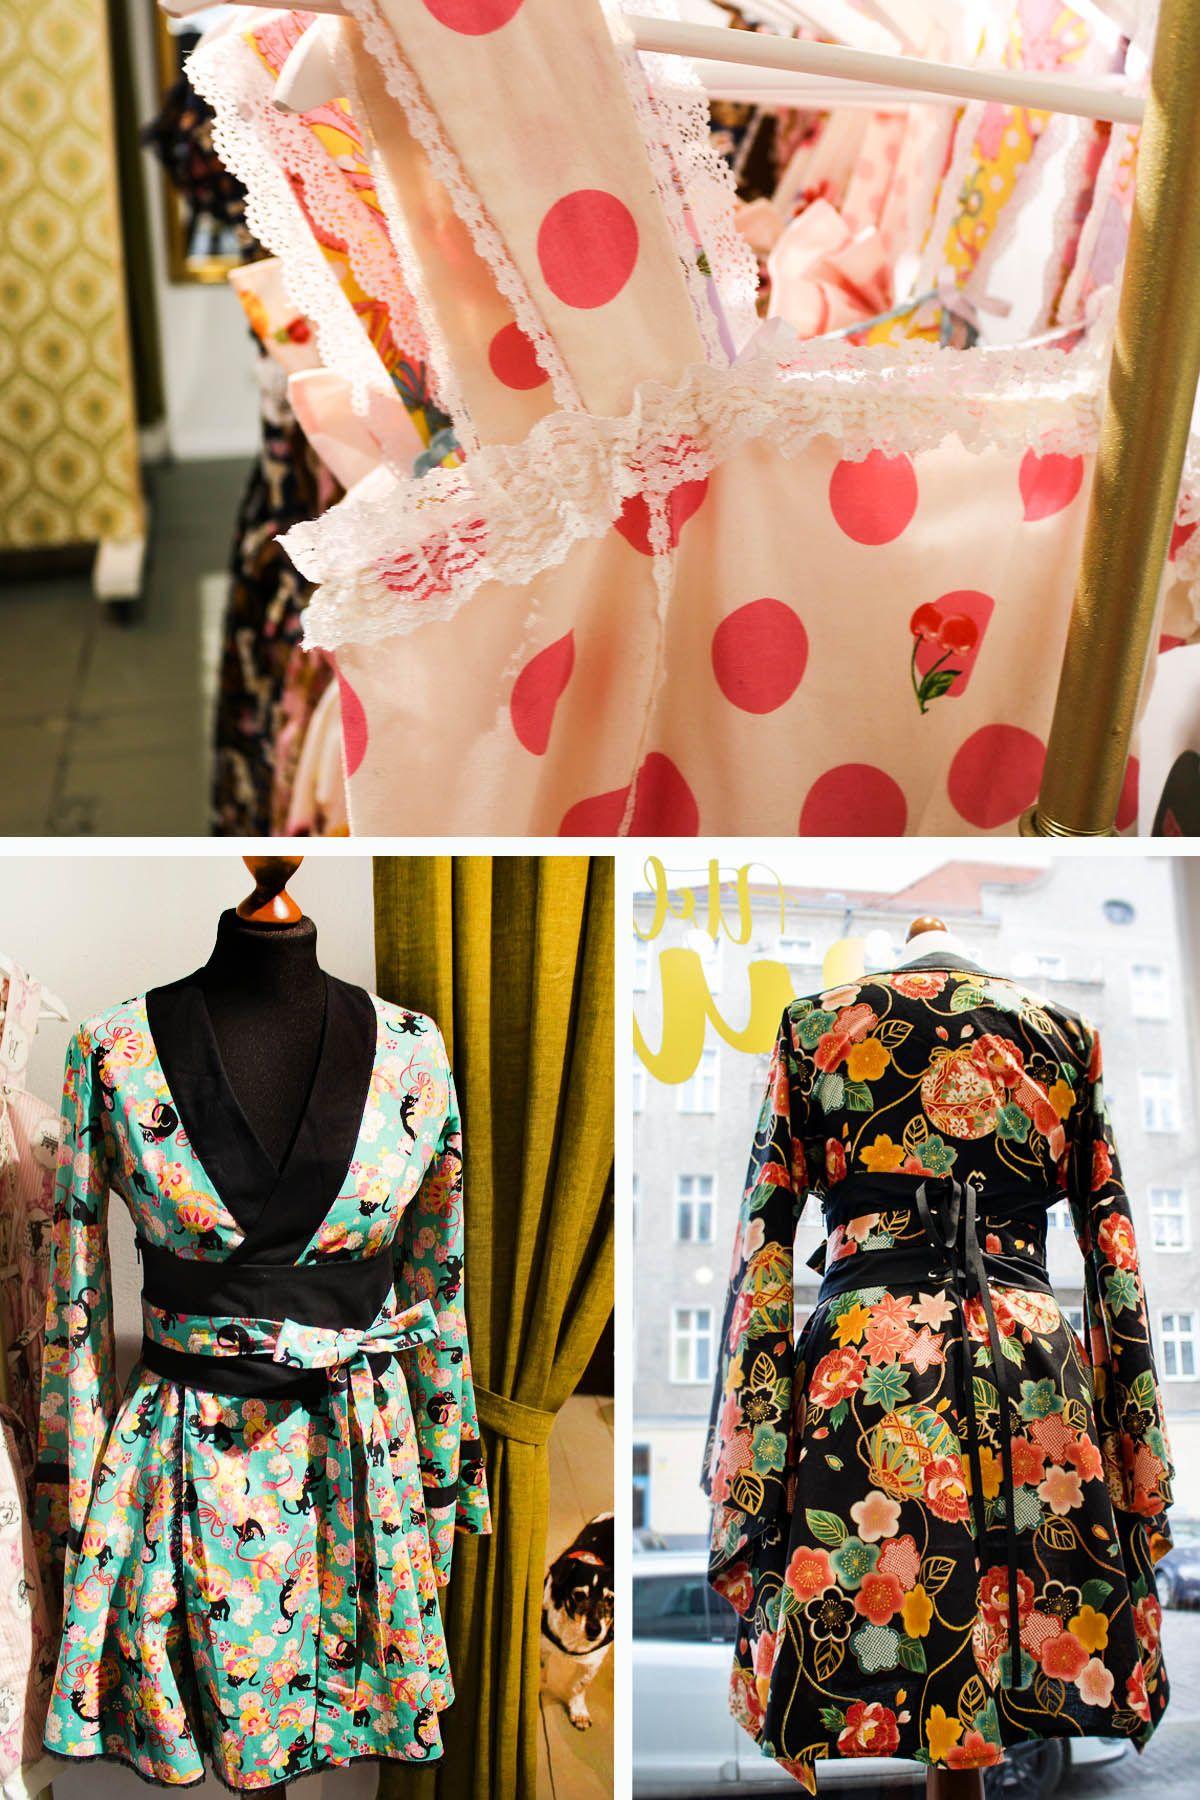 Atelier Nuno Japanische Stoffe Und Kleider In Berlin Kaufen Japanische Stoffe Stoffe Japanische Mode